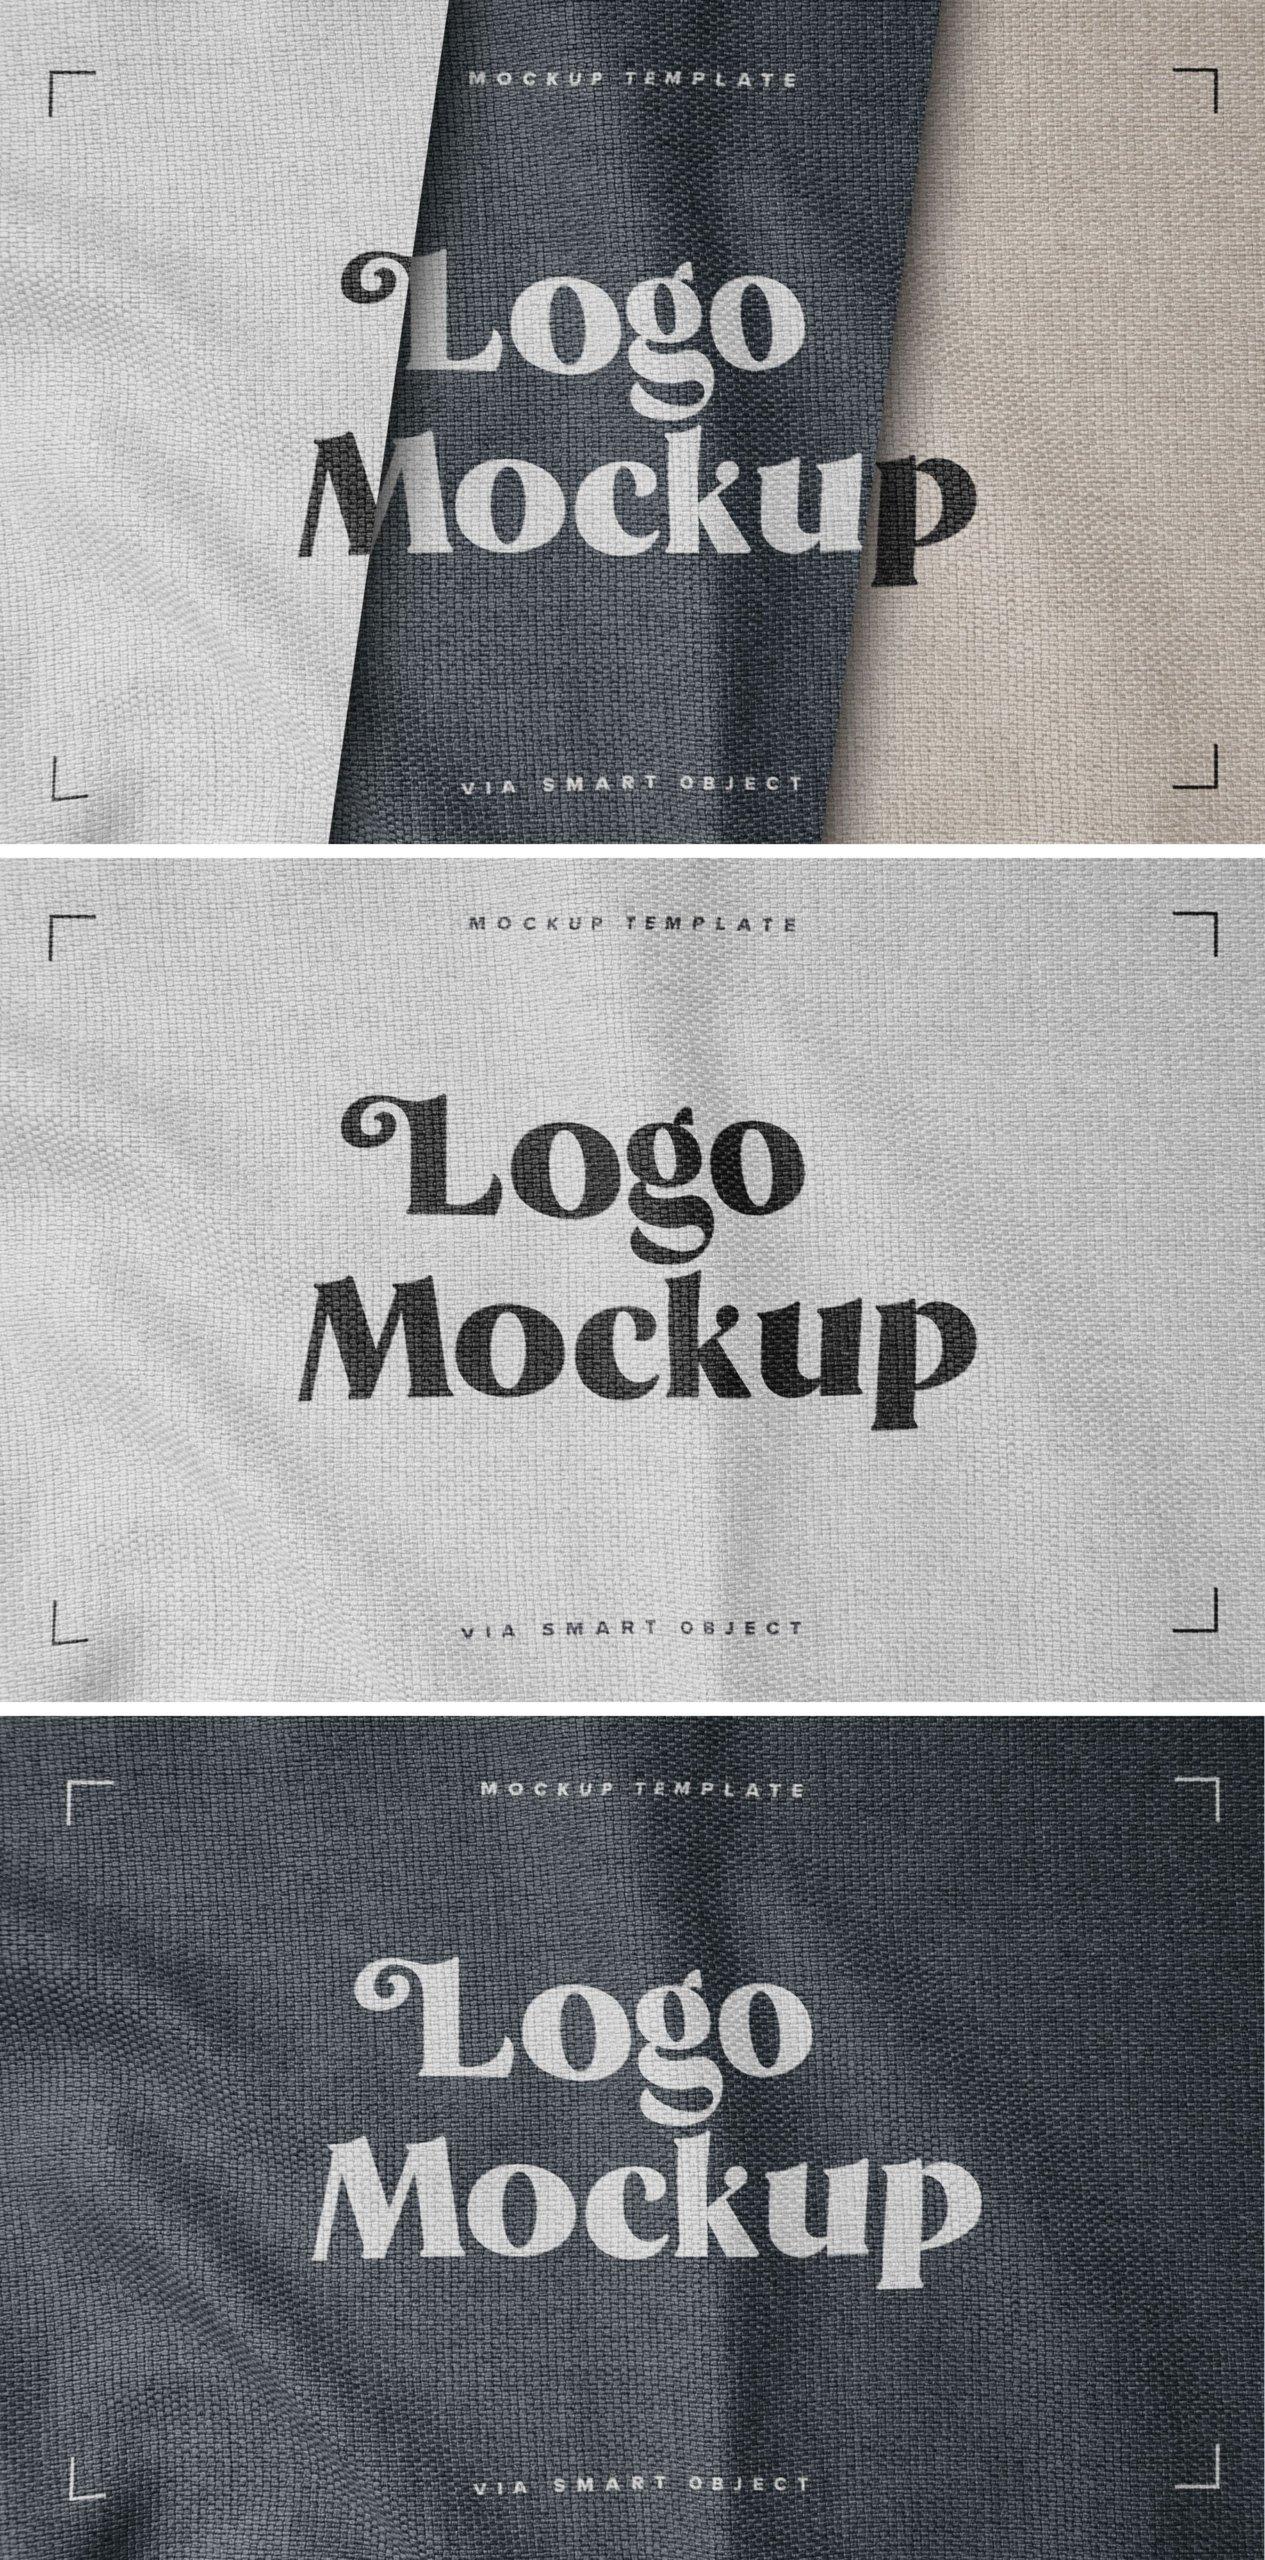 逼真纺织面料效果徽标Logo设计展示样机模板 Fabric Print Logo Mockup Set插图4